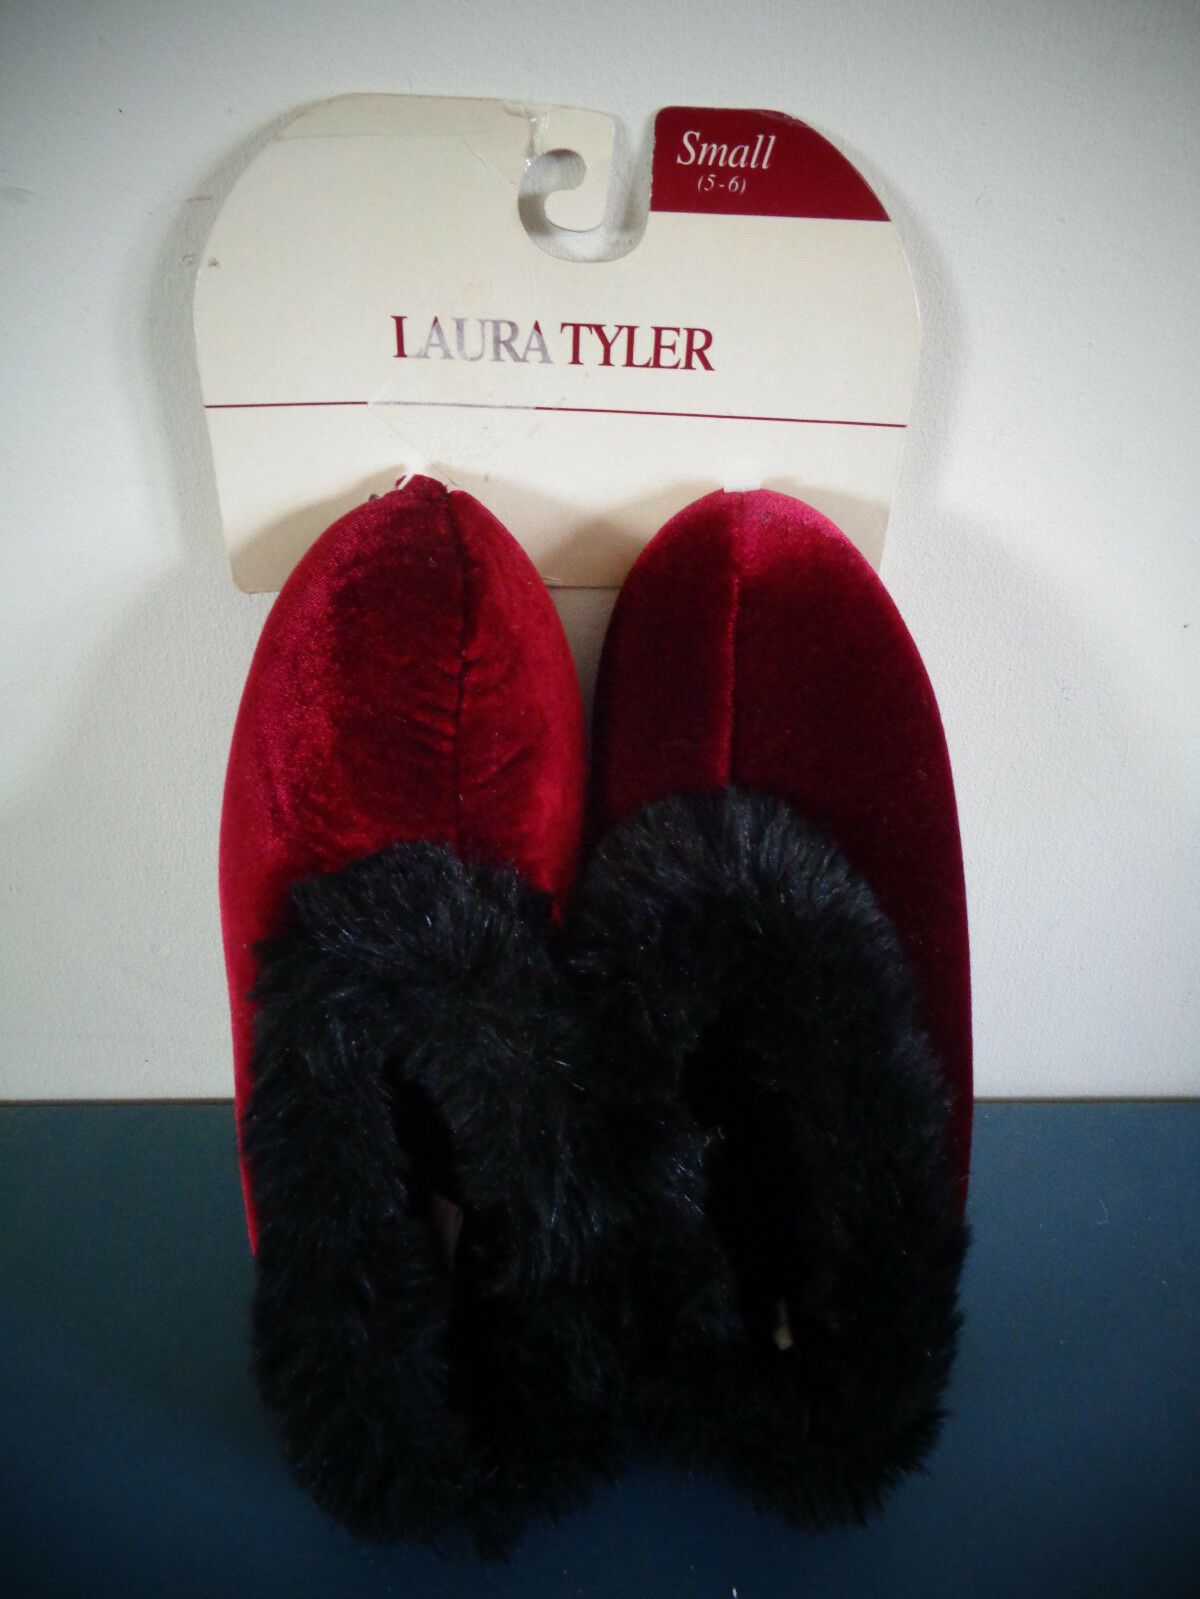 LAURA TYLER BURGUNDY BLACK FAUX FUR SLIPPERS WOMEN'S S 5-6